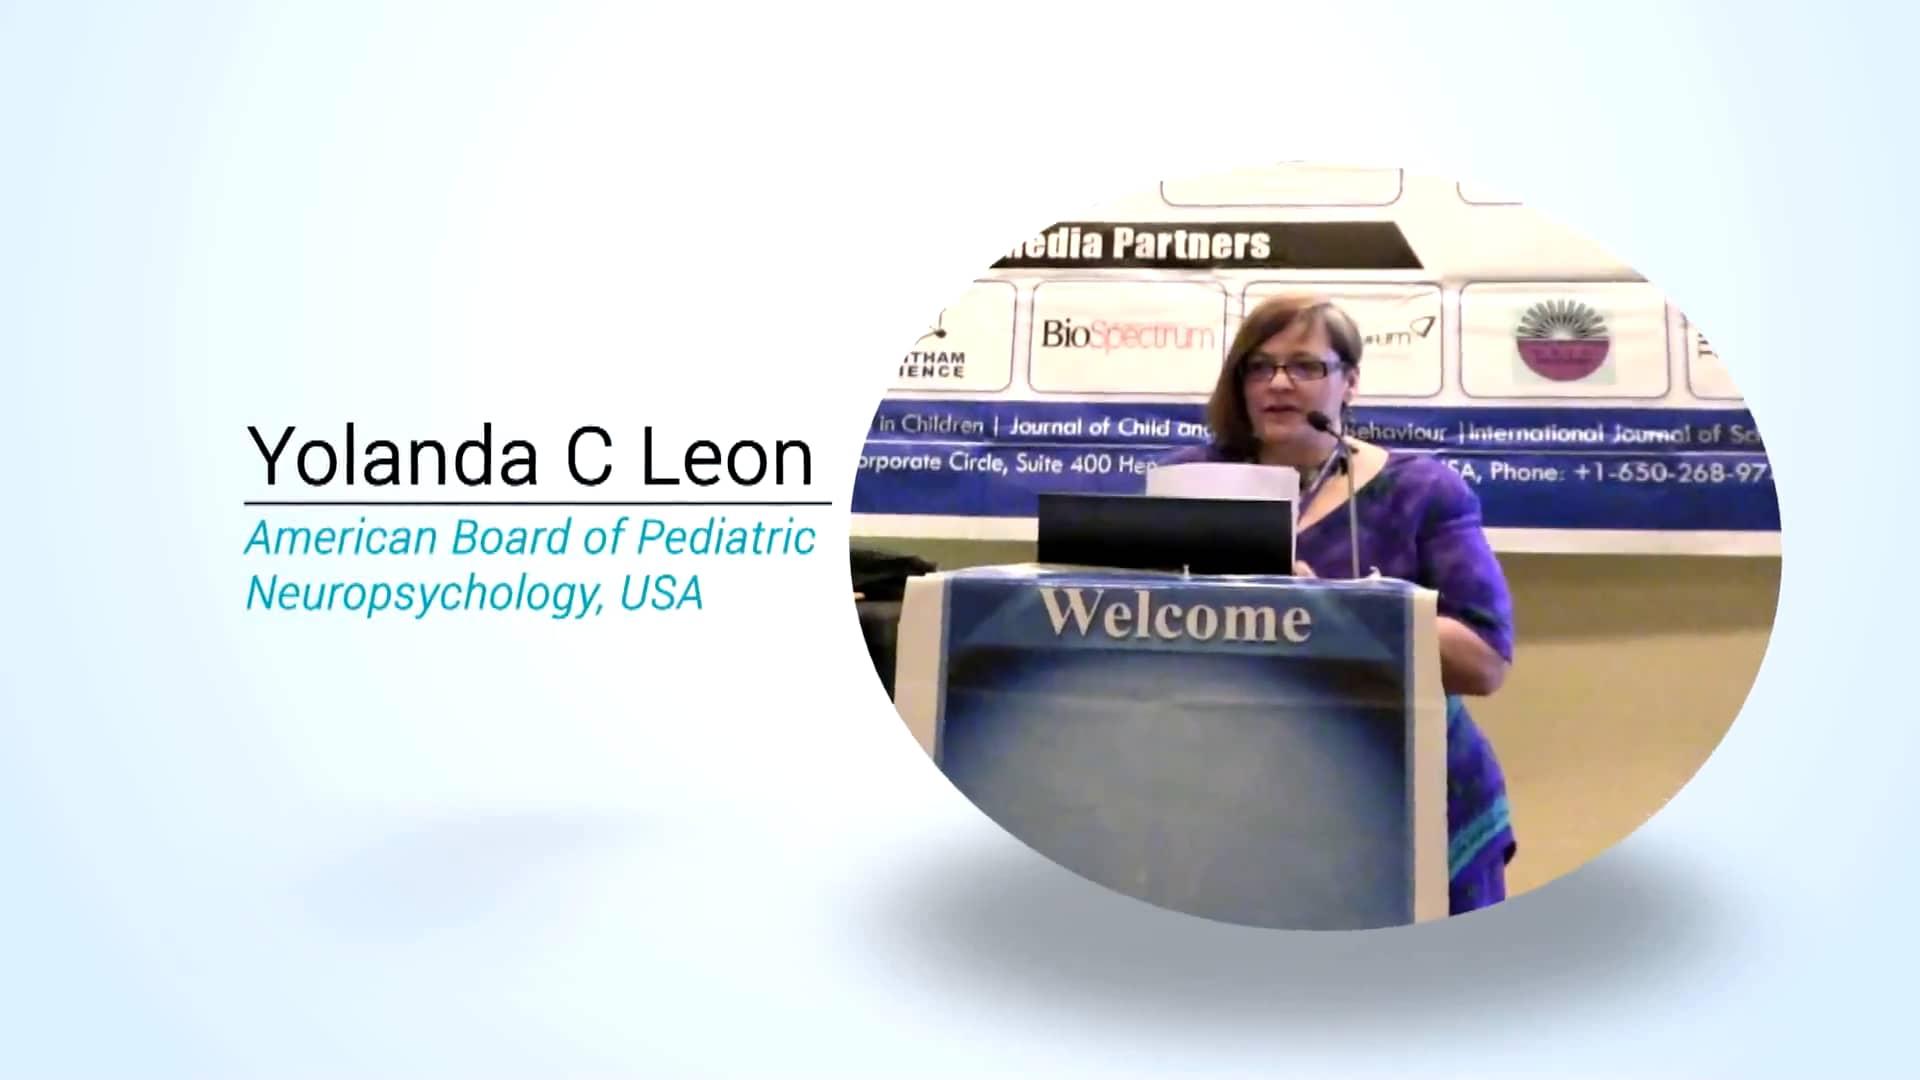 Yolanda C Leon